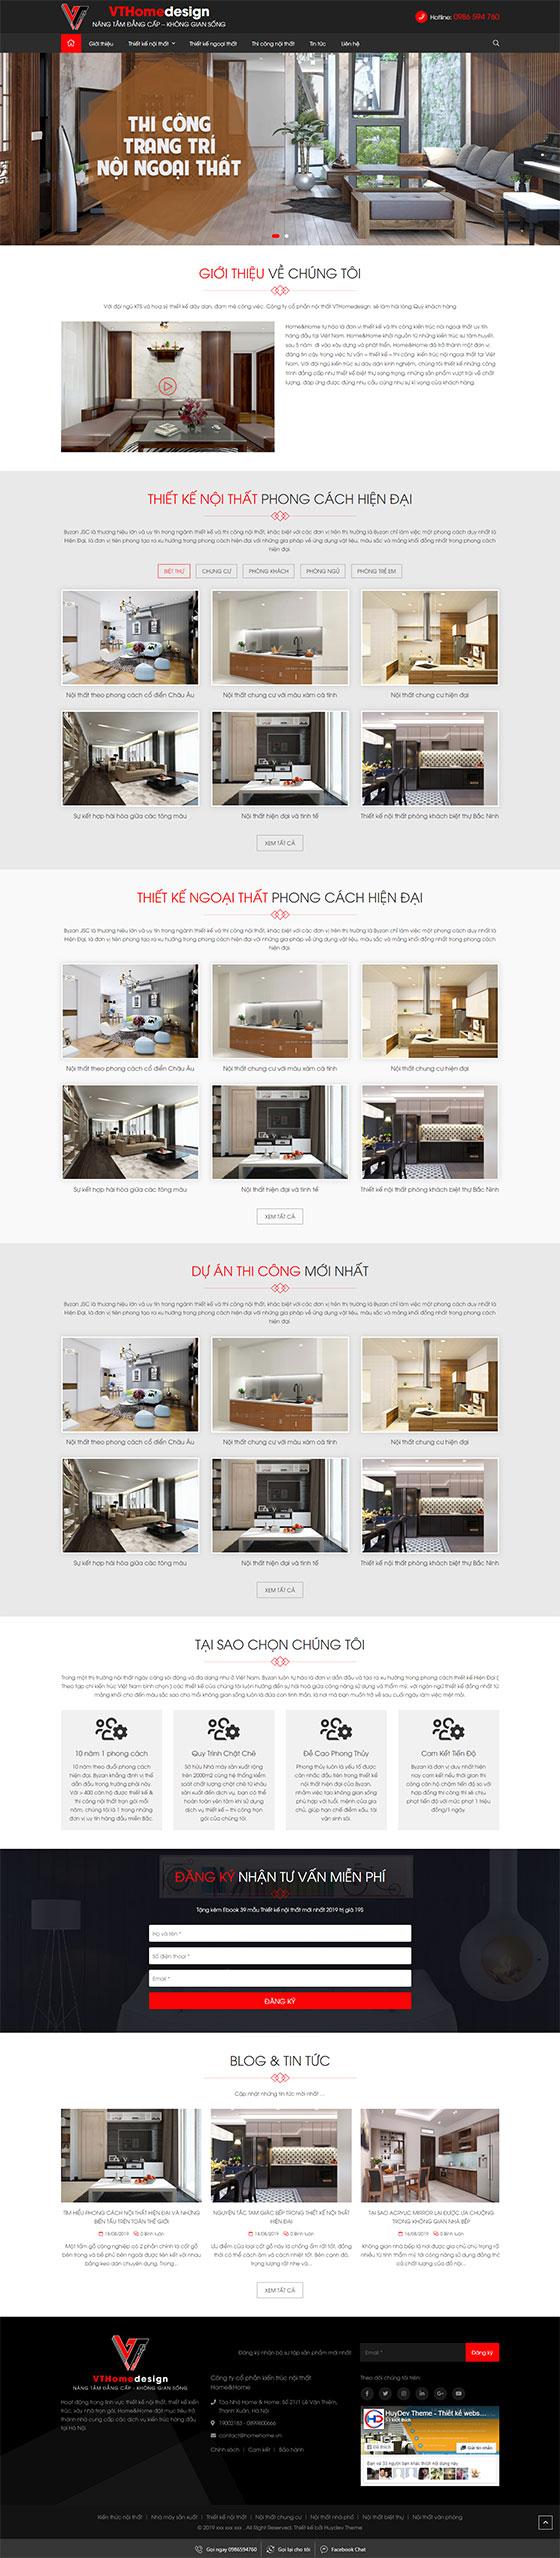 Trang chủ mẫu website nội thất 08